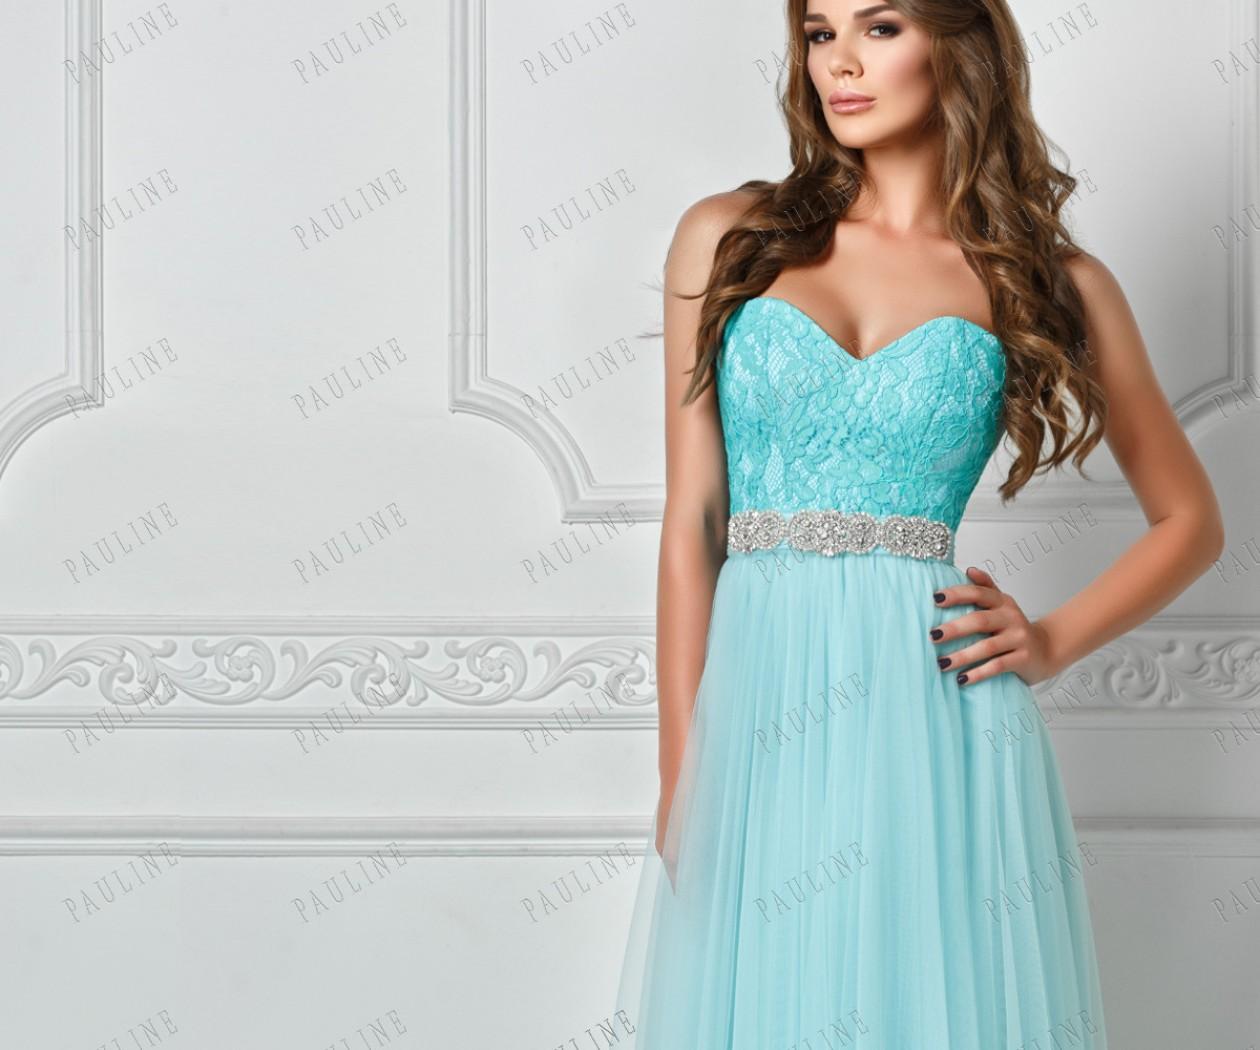 Длинное роскошное вечернее платье с гипюровым лифом ЧУДНОЕ